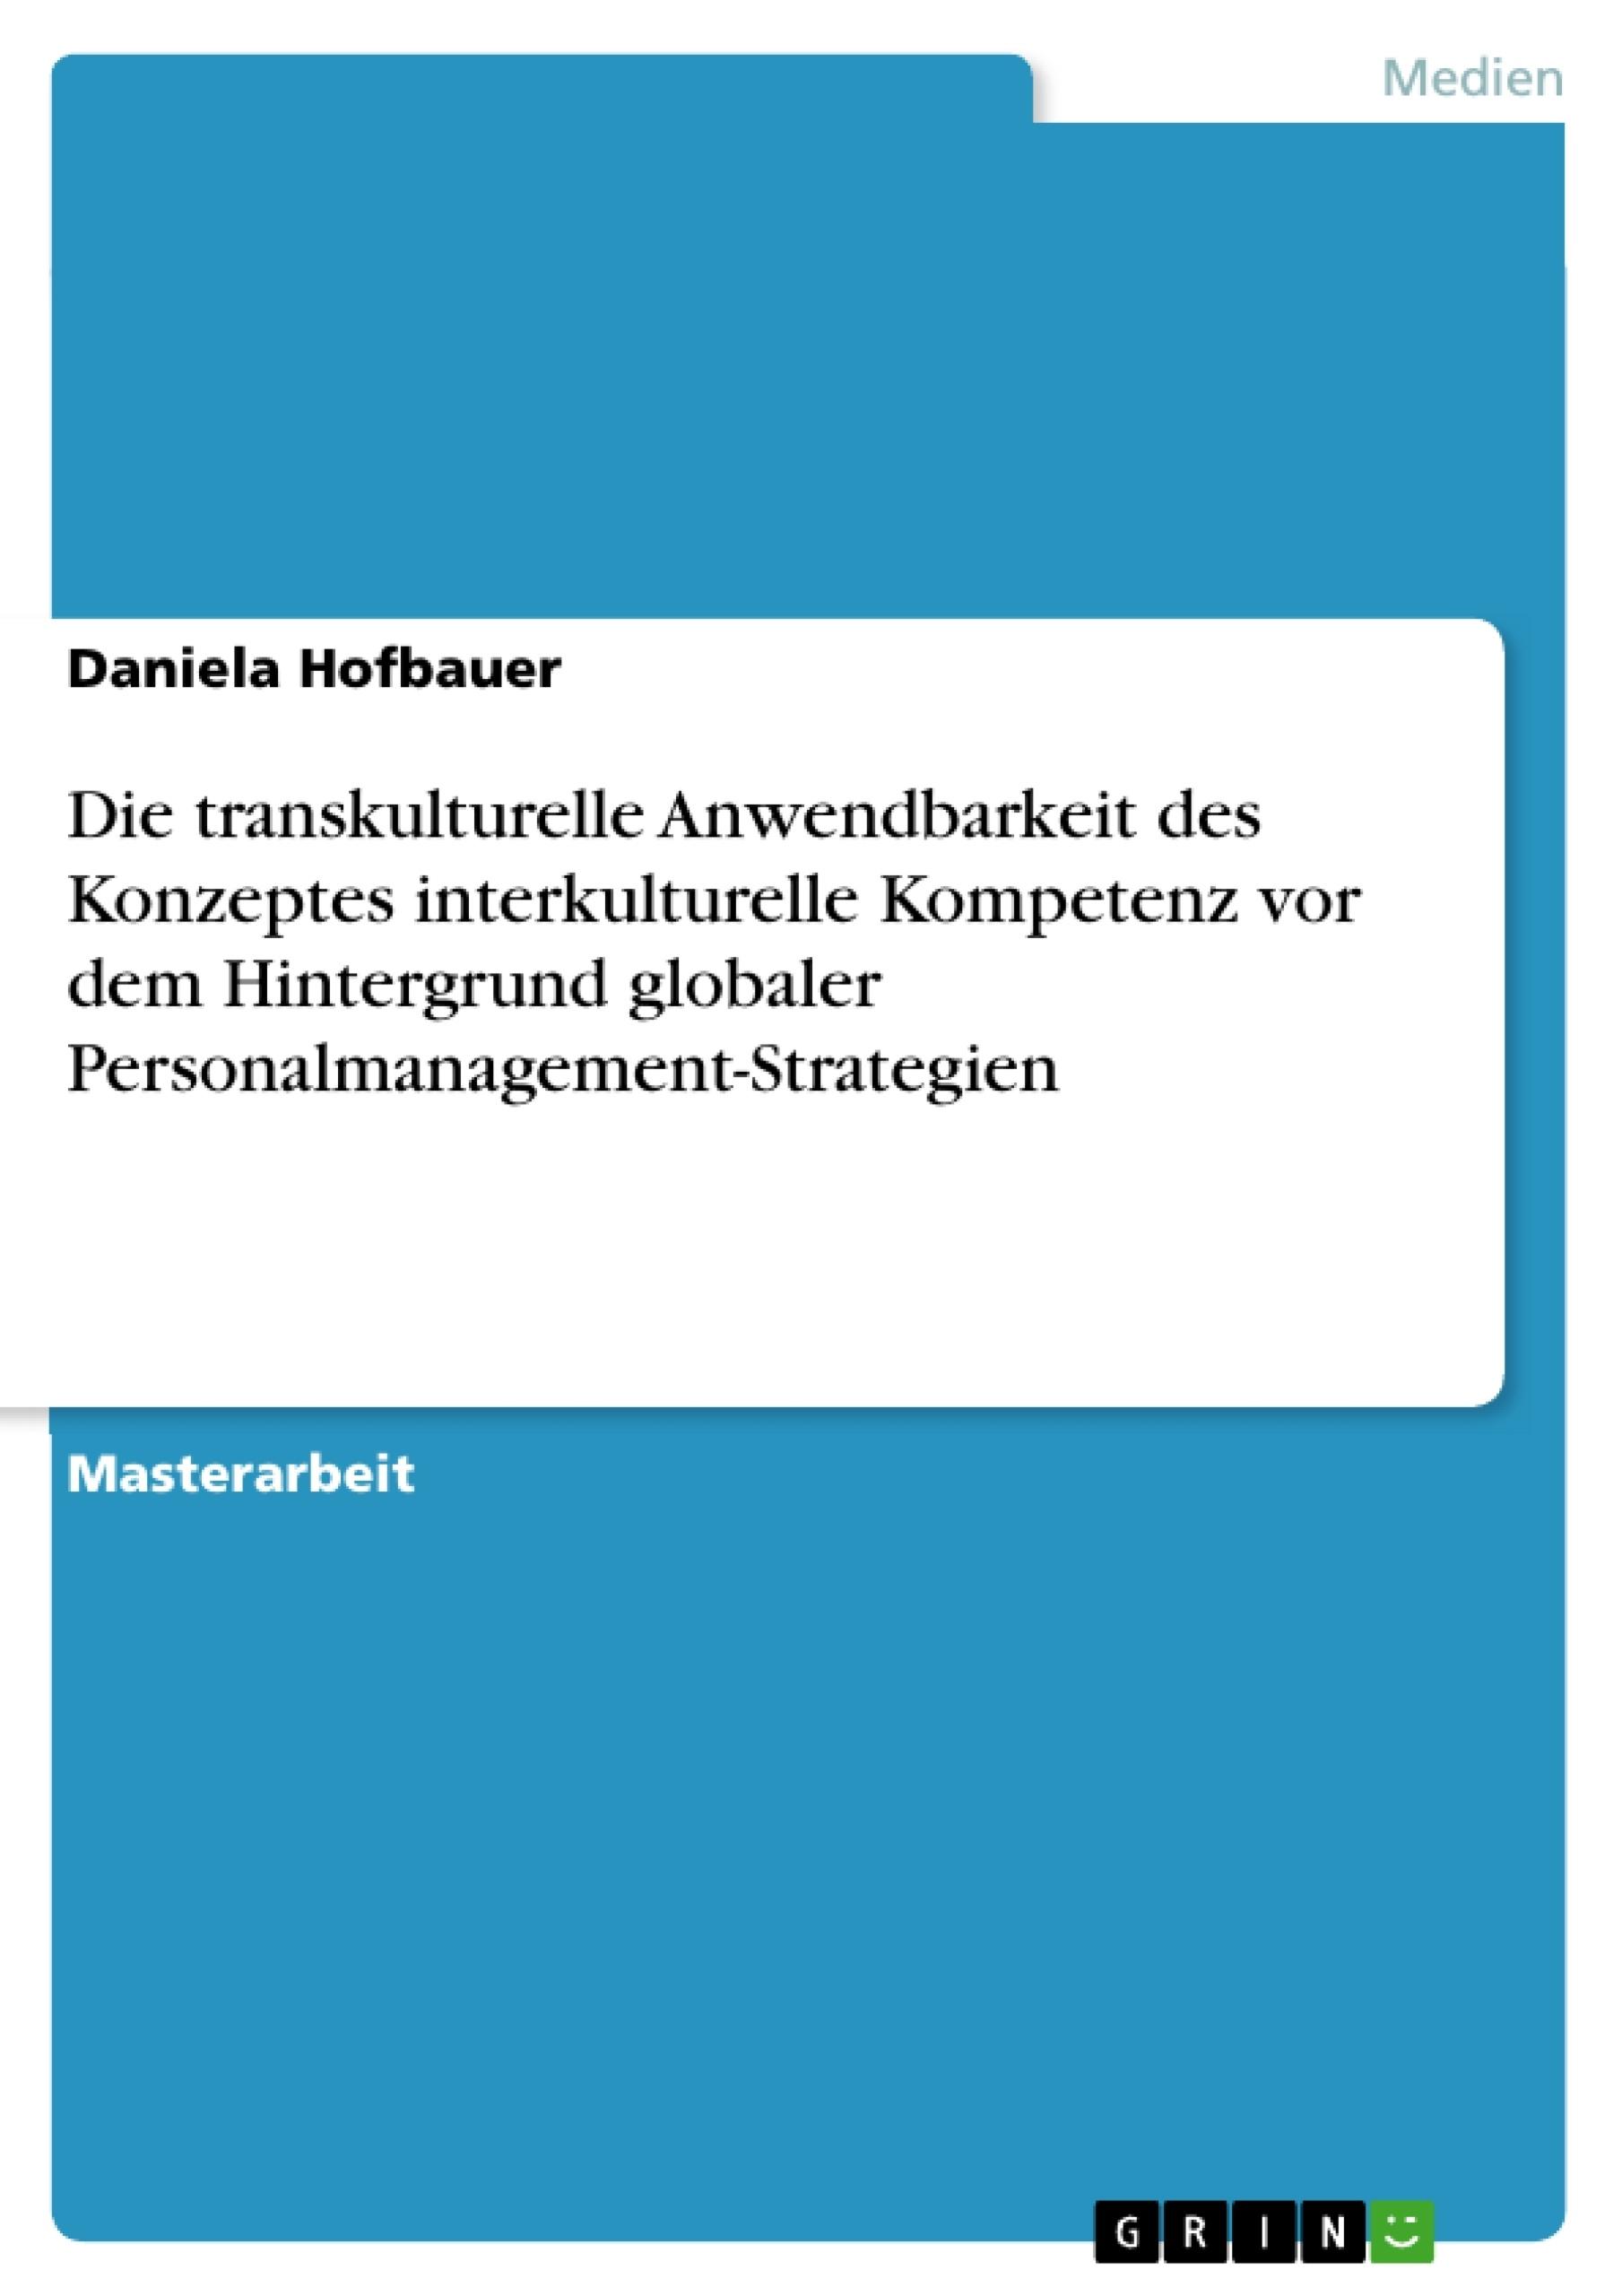 Titel: Die transkulturelle Anwendbarkeit des Konzeptes interkulturelle Kompetenz vor dem Hintergrund globaler Personalmanagement-Strategien